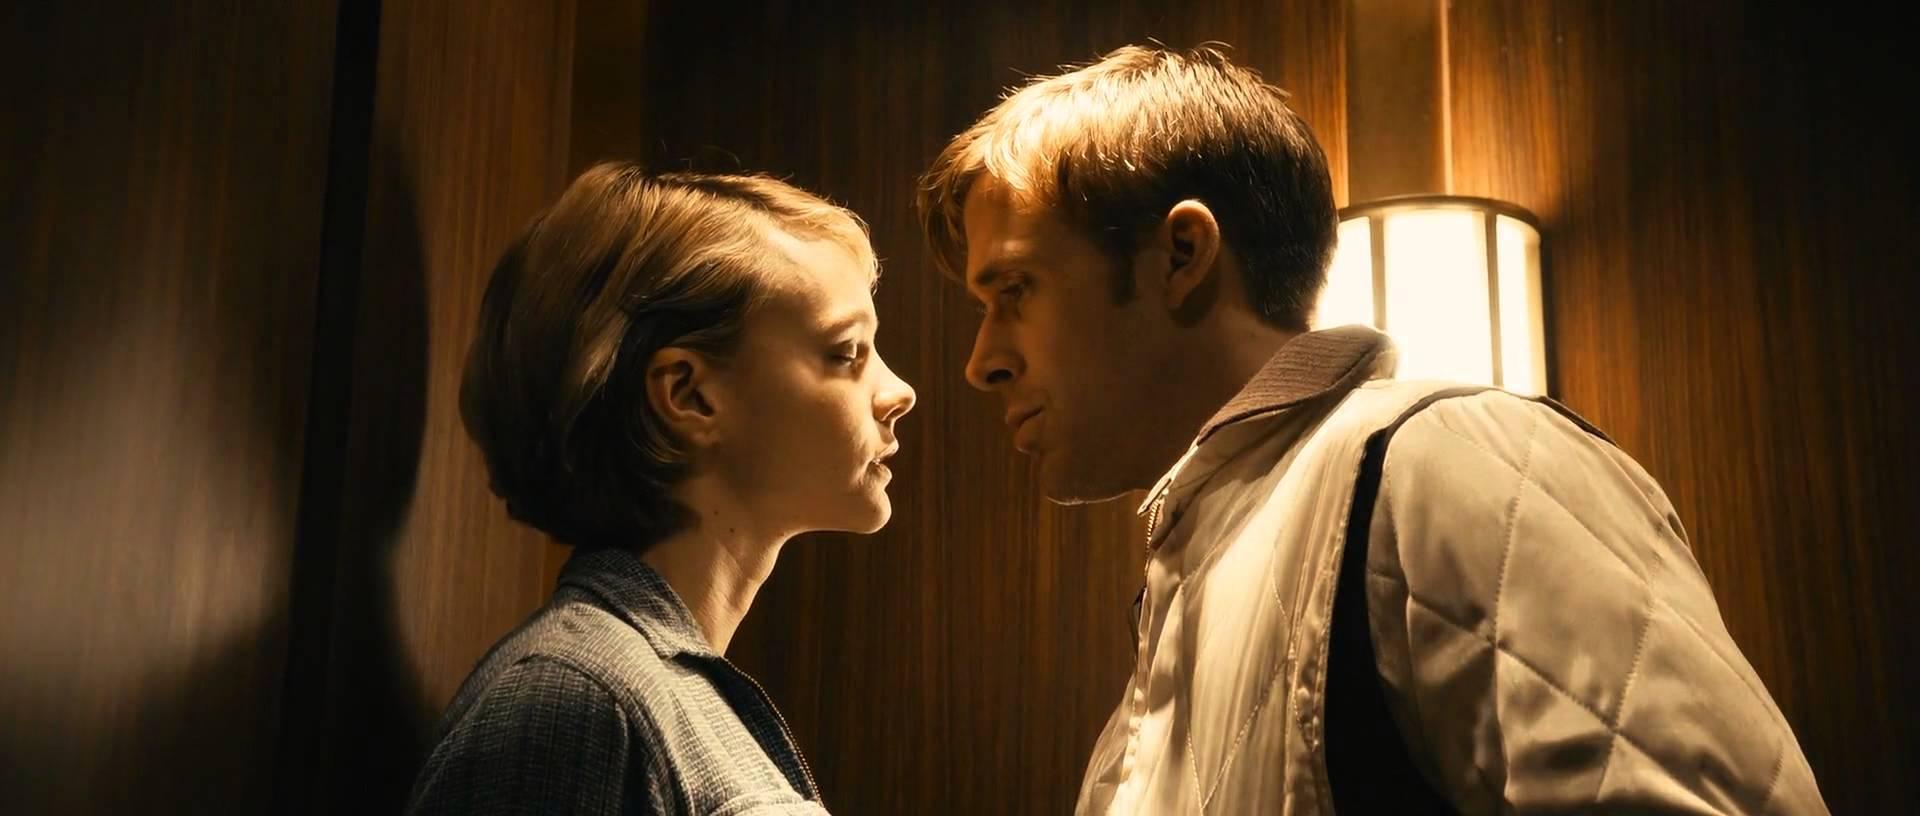 Elevator - Drive (2011)